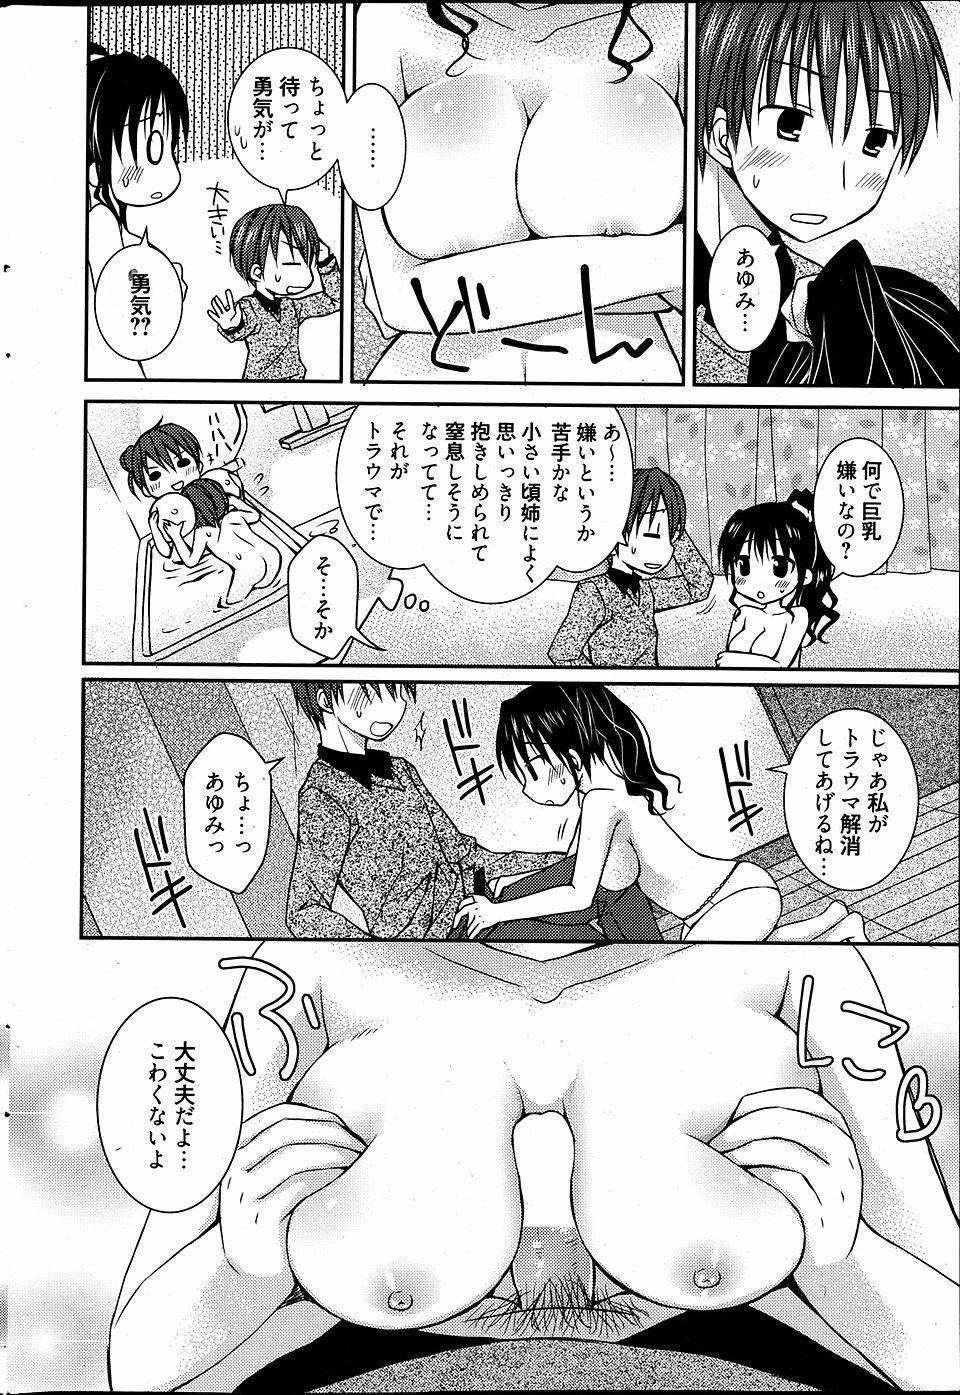 【エロ漫画・同人誌】巨乳にトラウマを抱えている彼氏に巨乳を隠している彼女、でもついにバレてしまってトラウマ解消のためにもセックス♪ 008